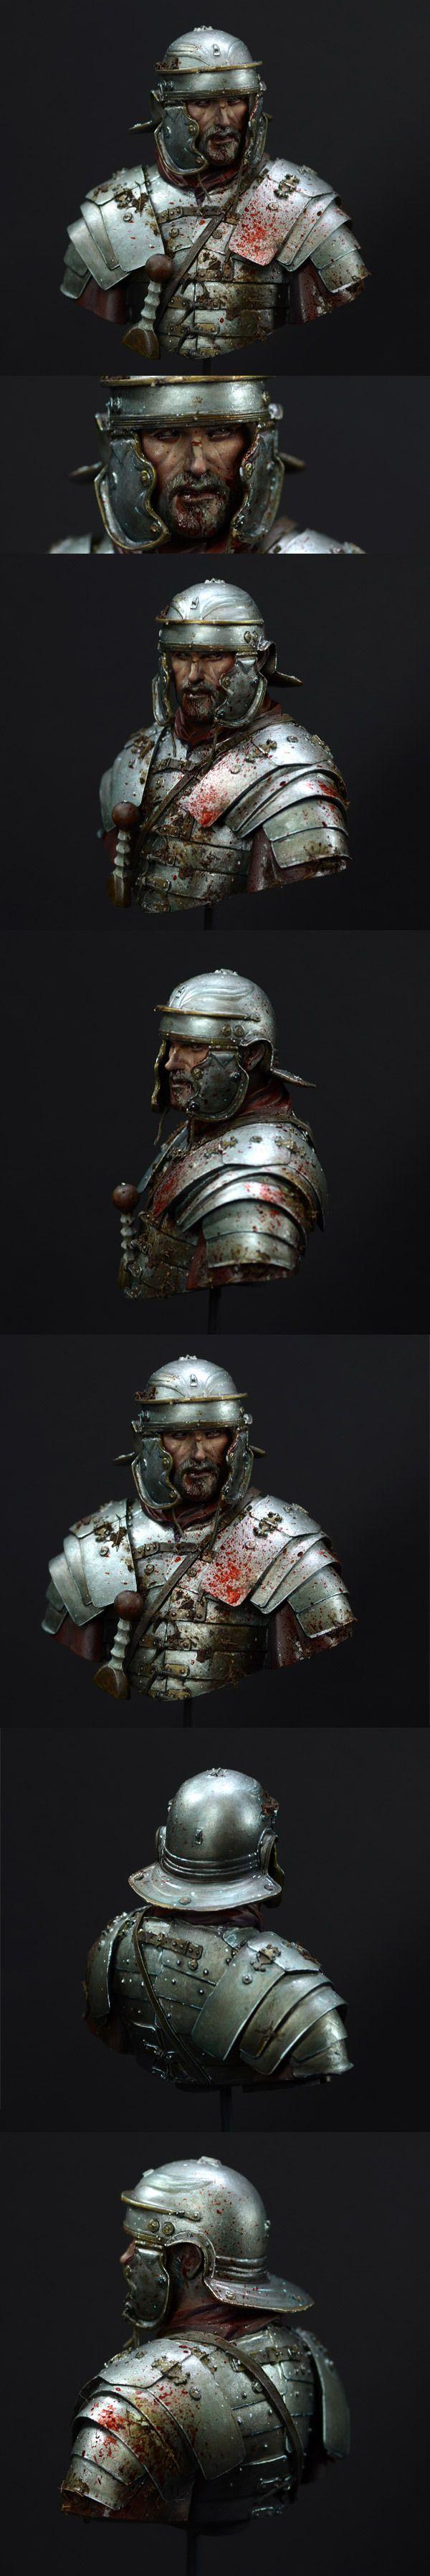 MASSIVE VOODOO: Roman Legionarius 1st Century A.D